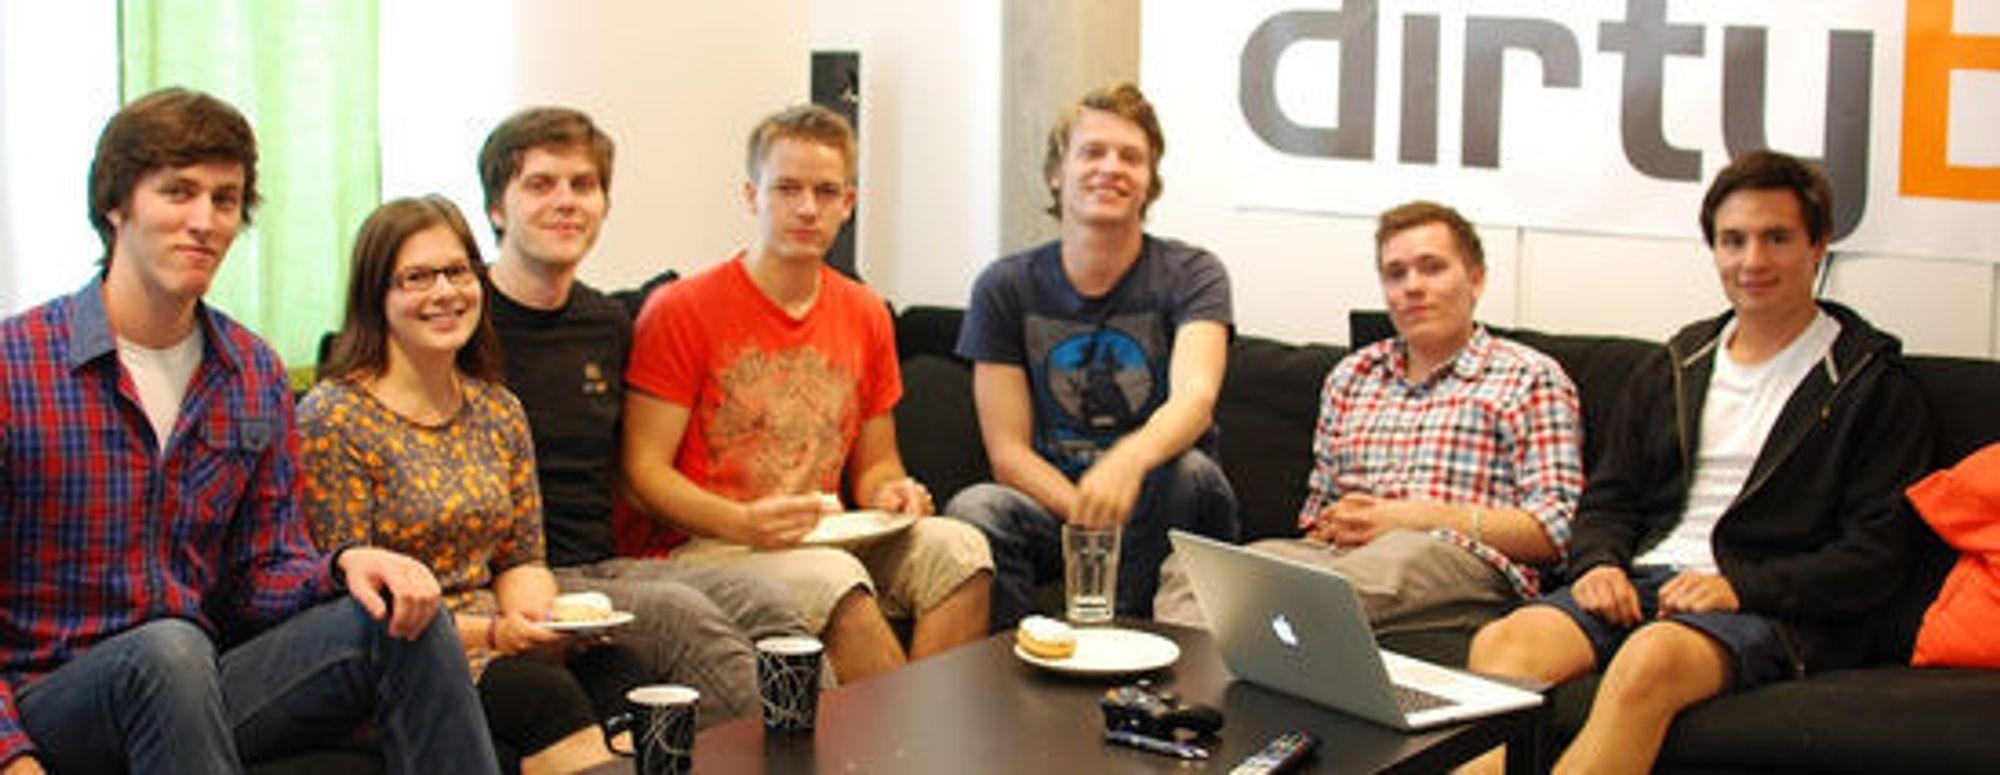 Teamet bak Fun Run, Trondheimsbaserte Dirtybit, har hatt stor suksess. Til høsten lanserer de et nytt spill til smarttelefoner.